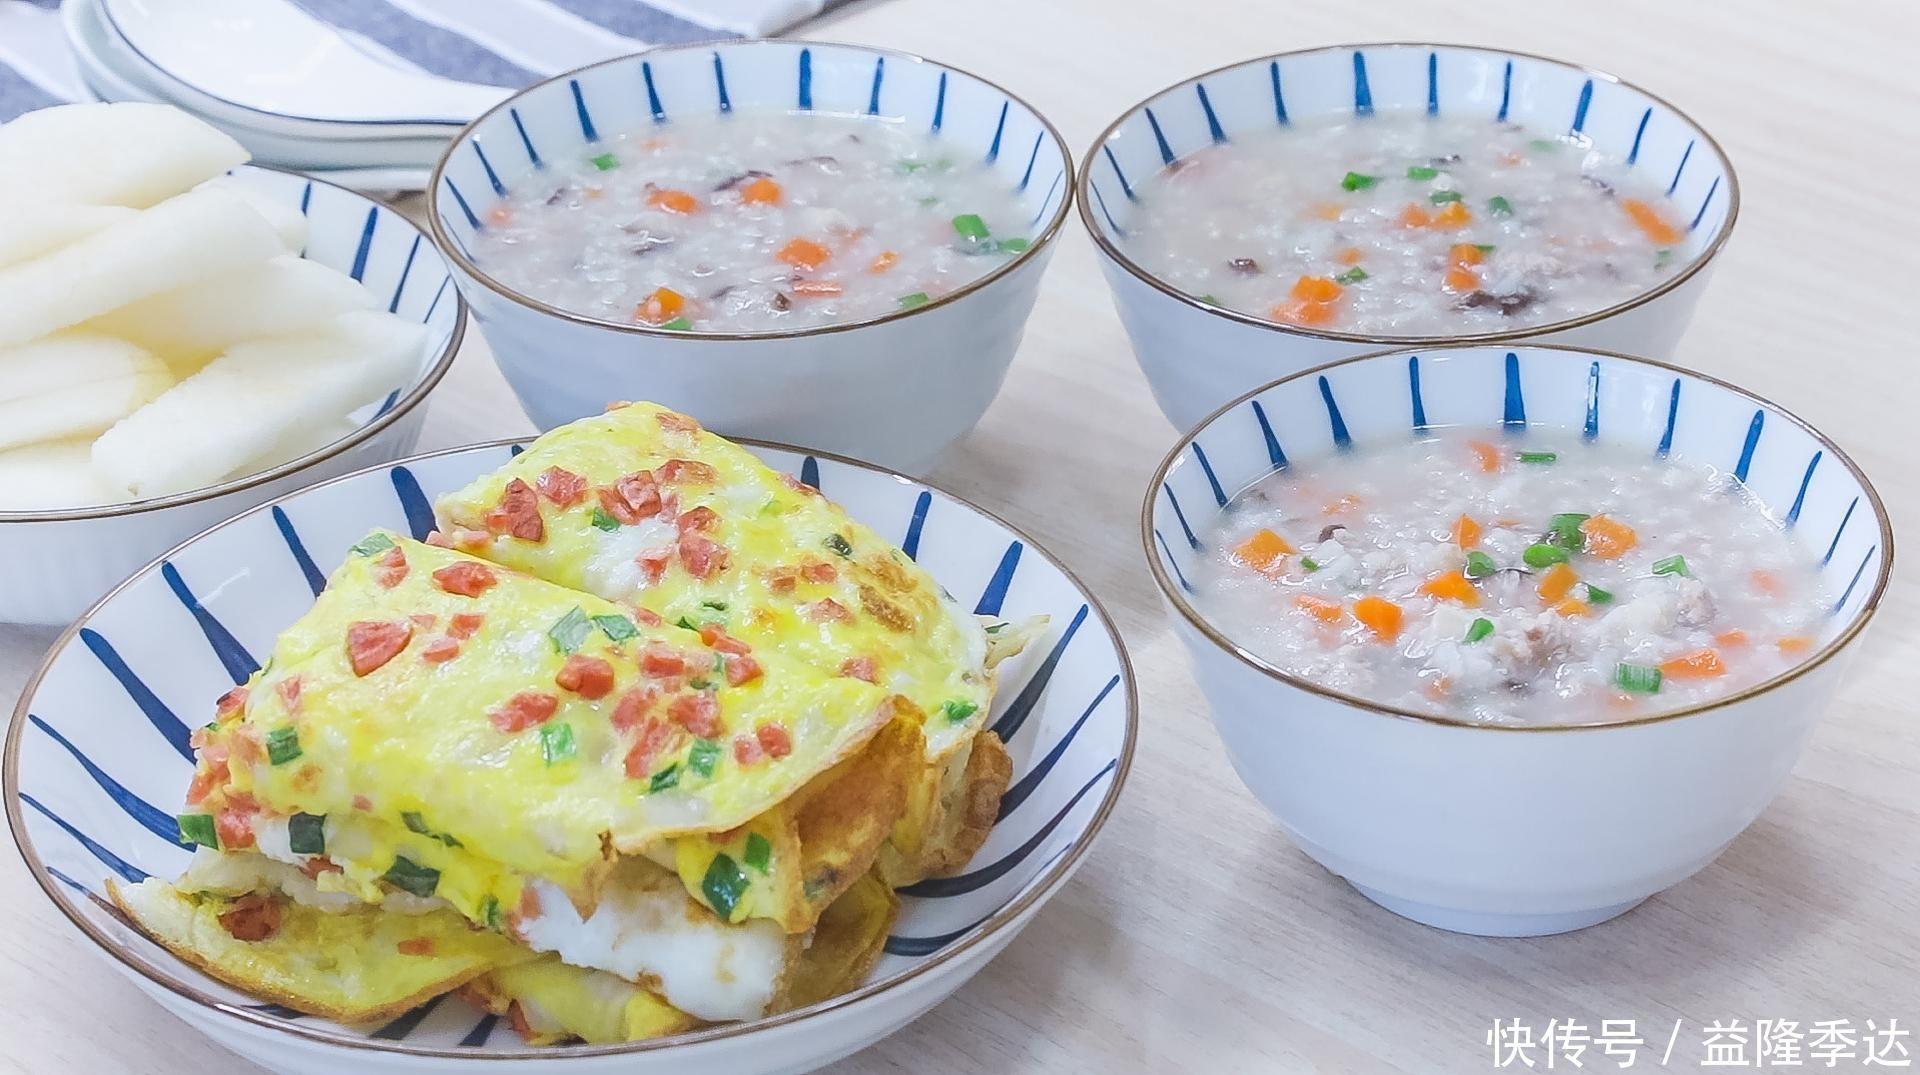 2020年國慶早餐食譜,8天不重樣,簡單沒難度,天天一大桌